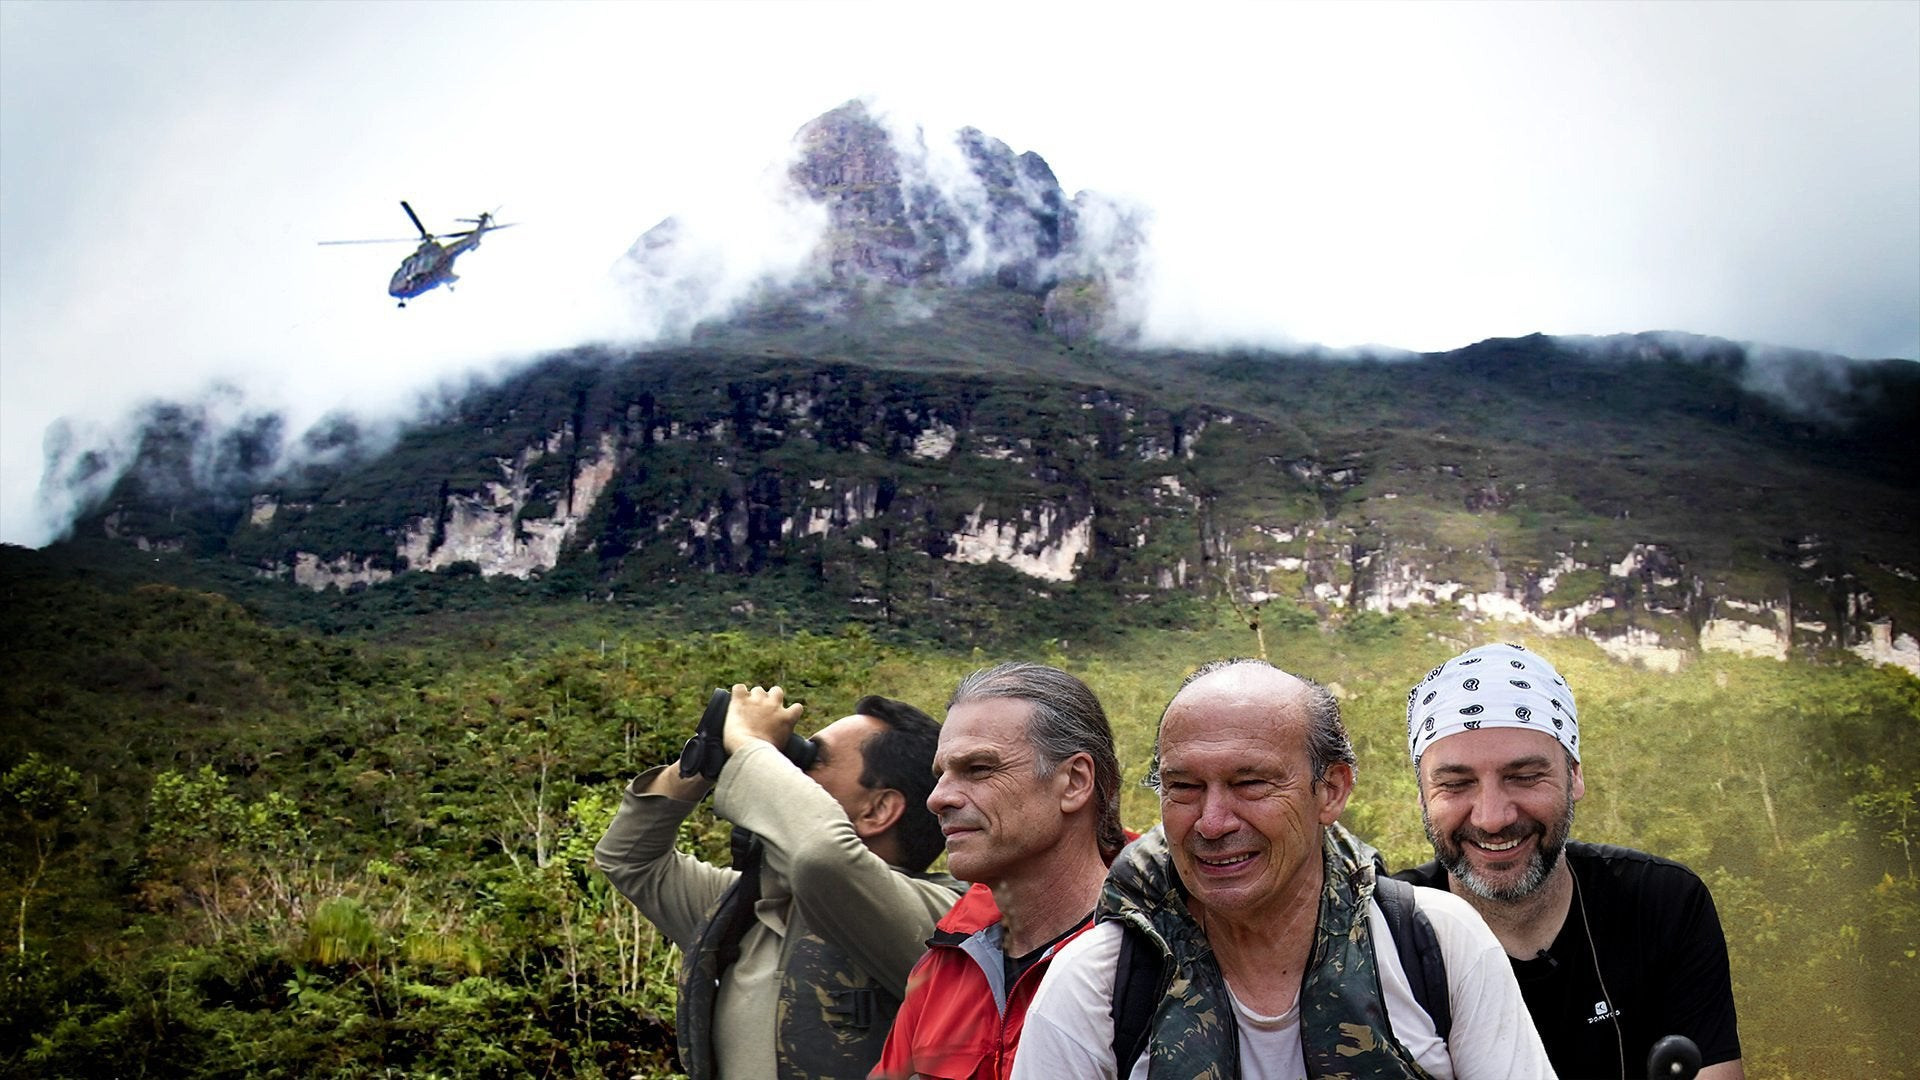 Amazon Explorers - Into the Peak of Mist